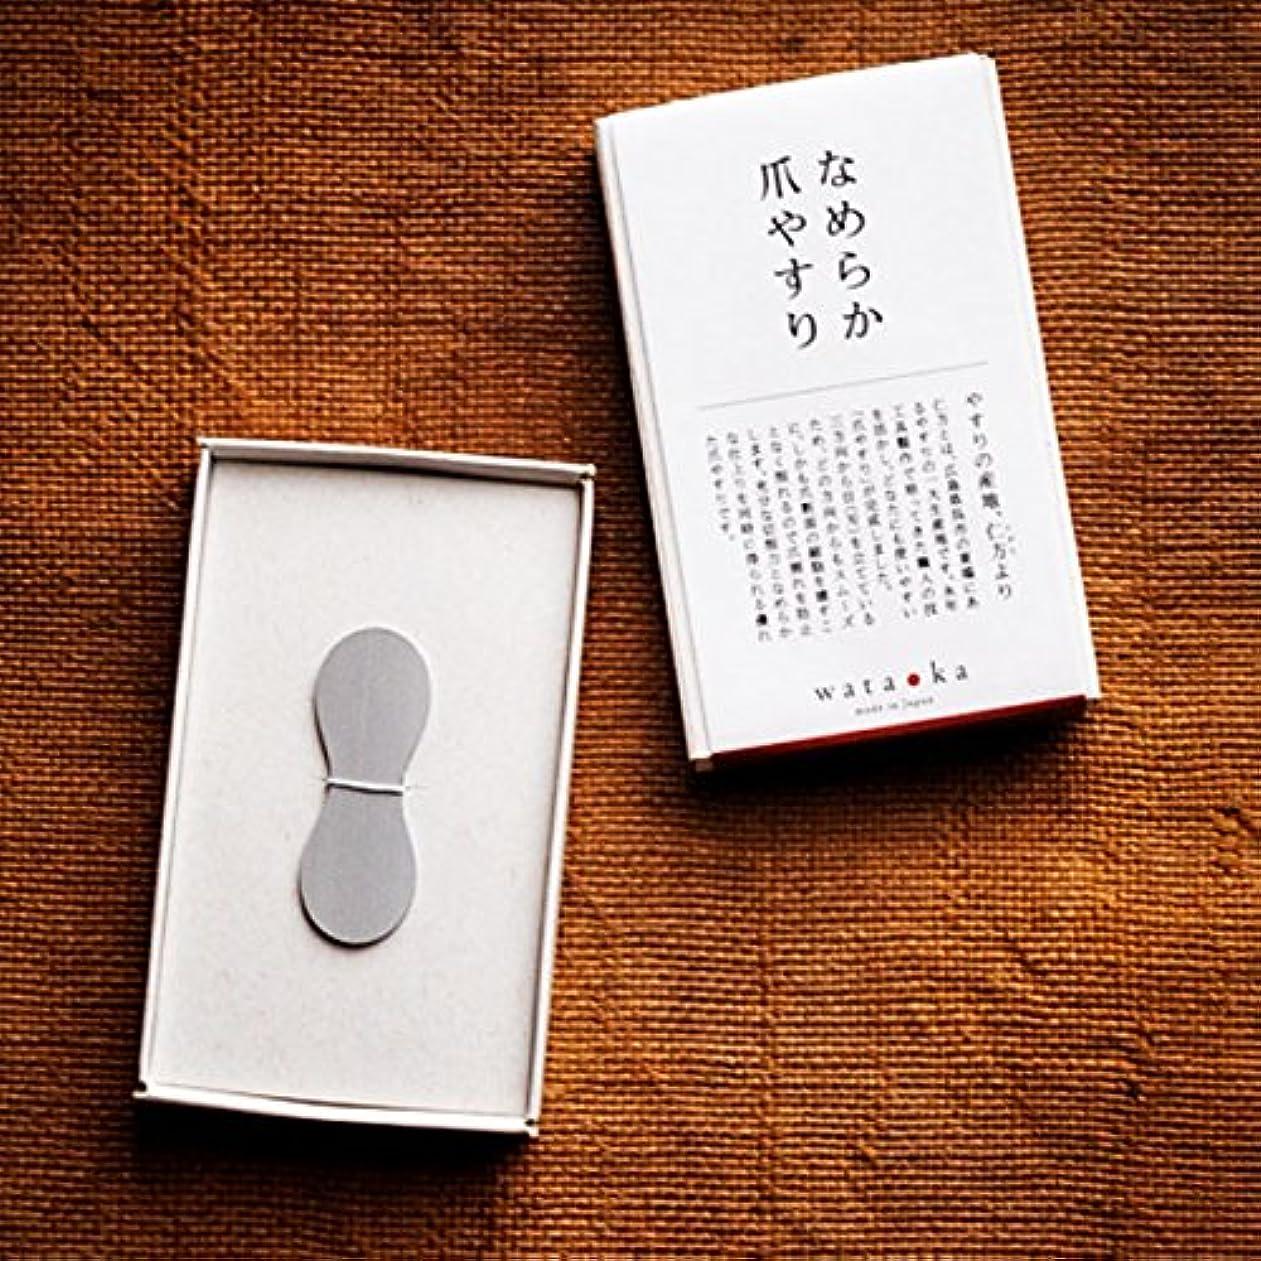 保険をかける出しますでるwataoka 鑢のワタオカ 爪やすり (専用パッケージ入り)